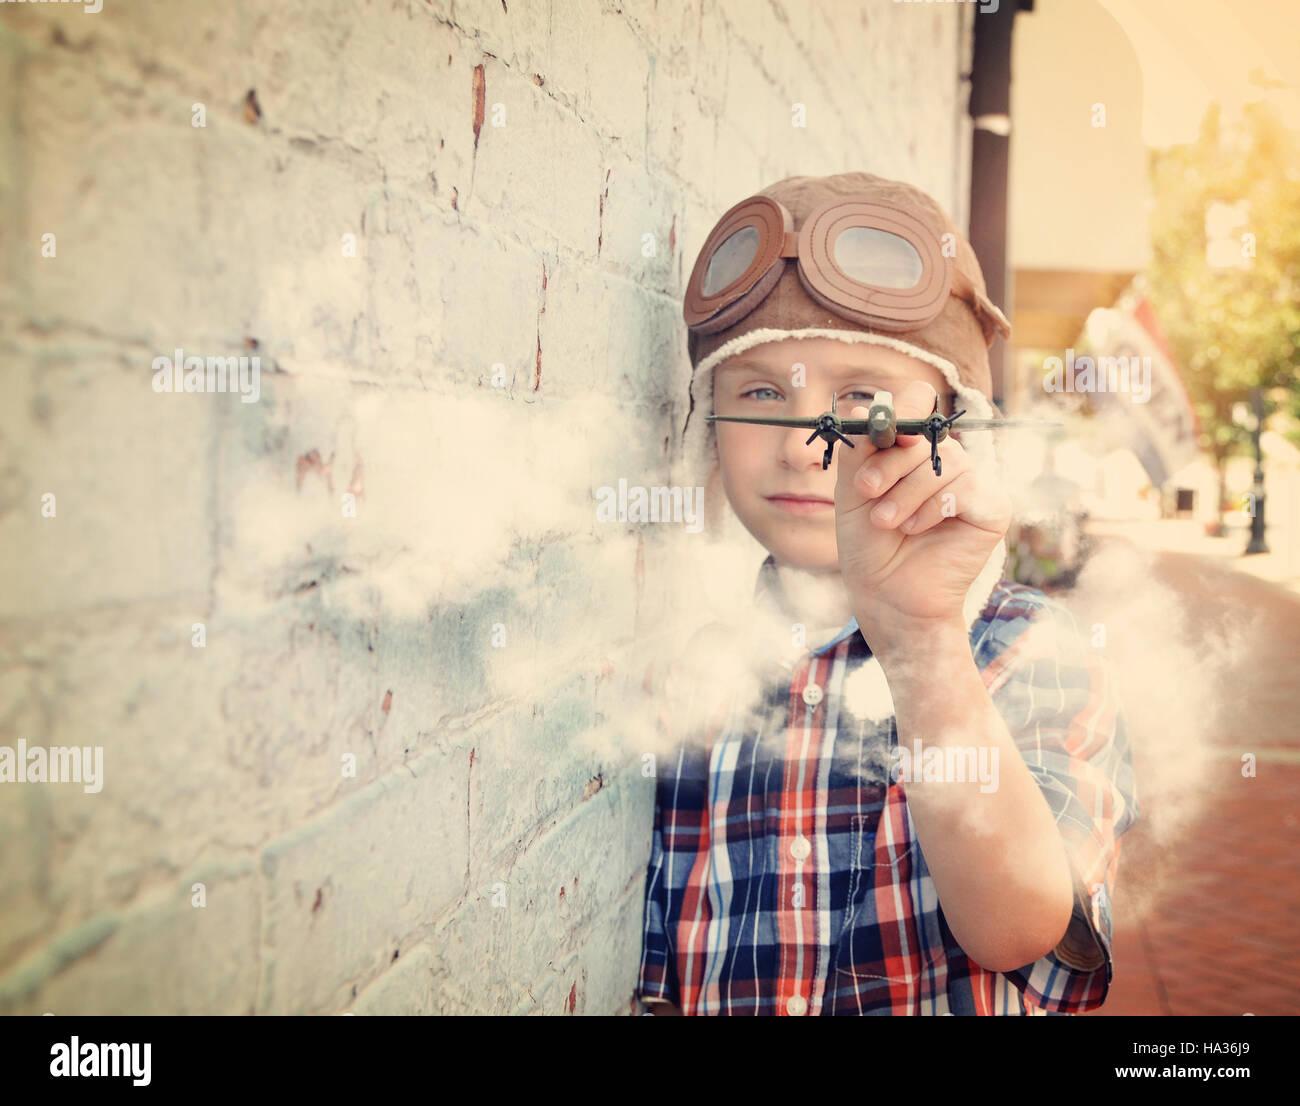 Ein kleiner Junge ist vorgibt, ein Pilot und spielen mit einem Spielzeug Flugzeug gegen eine Mauer für ein Stockbild